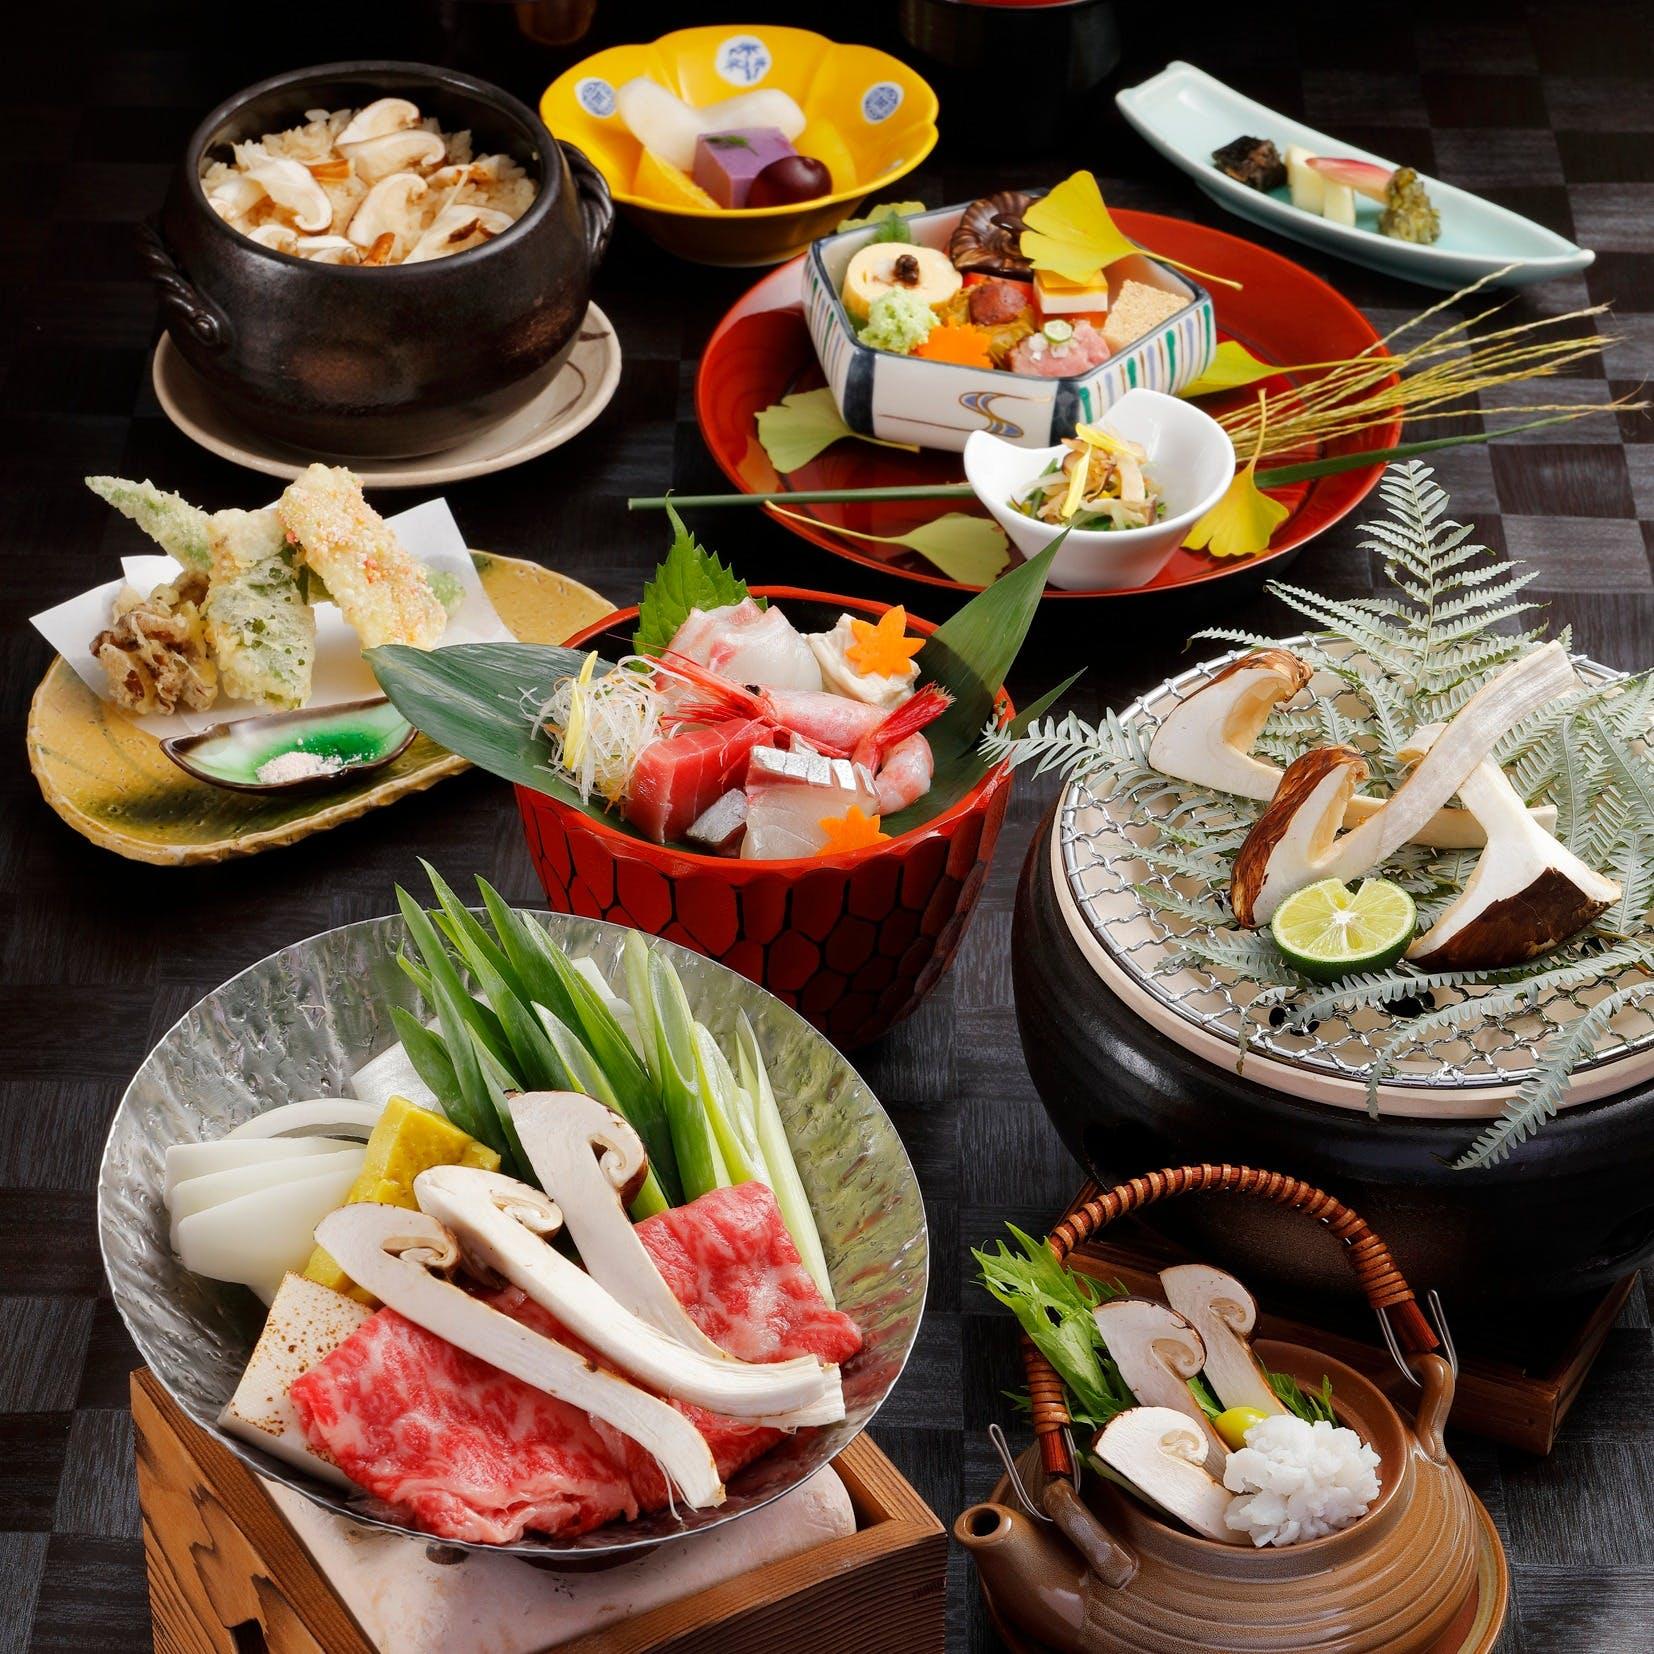 京都直送の食材を使用